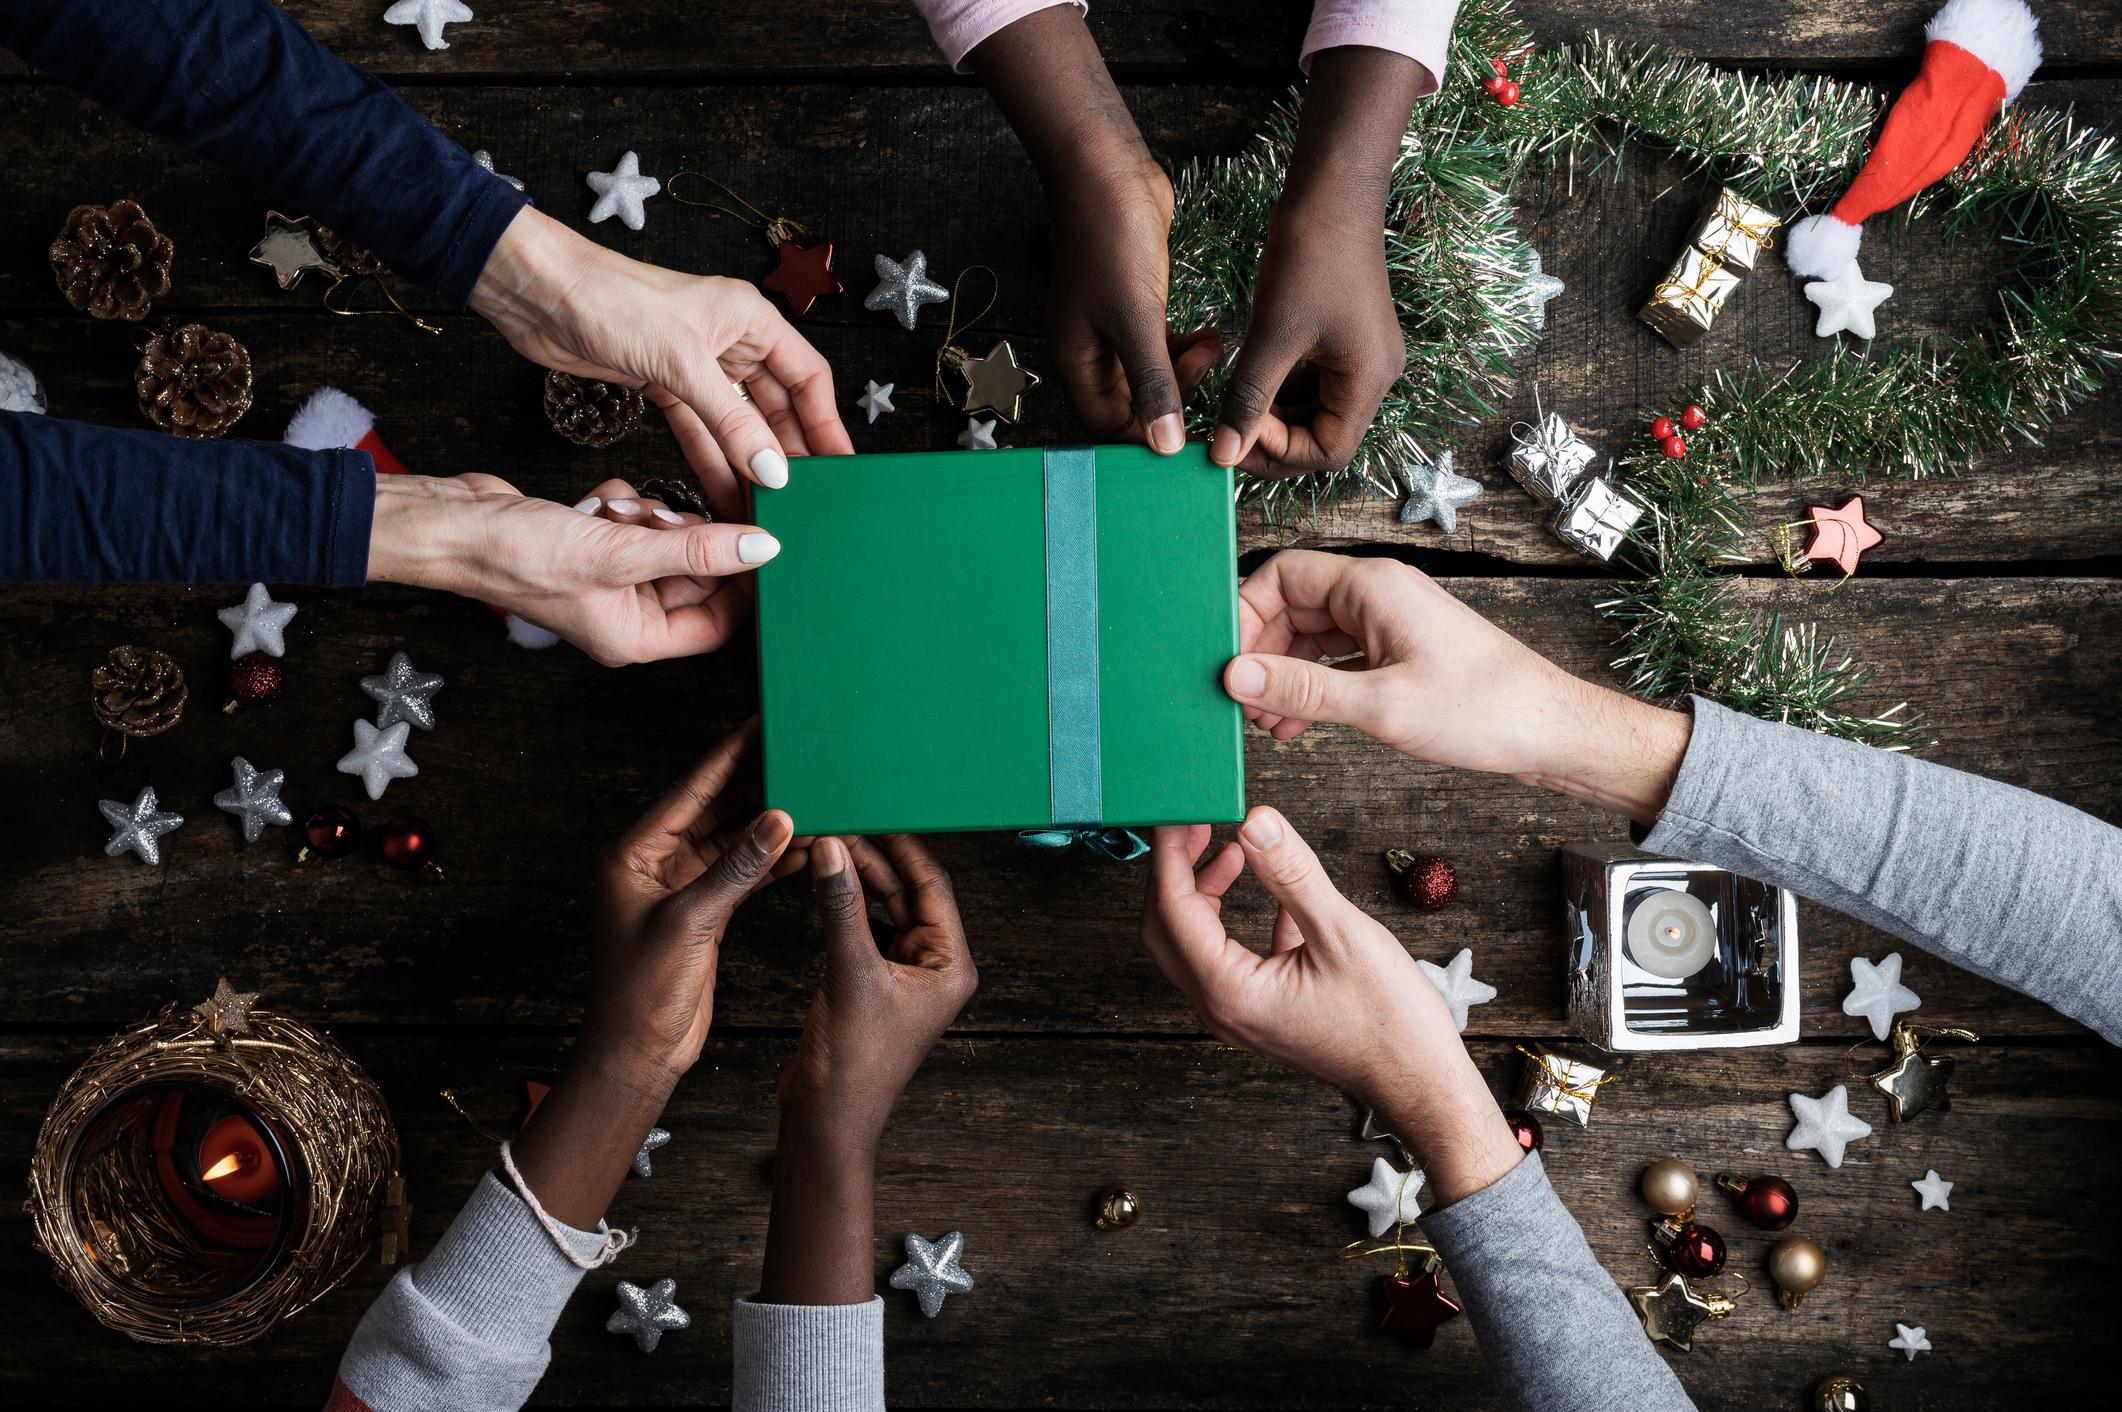 Ajude a proporcionar um Natal melhor a quem precisa